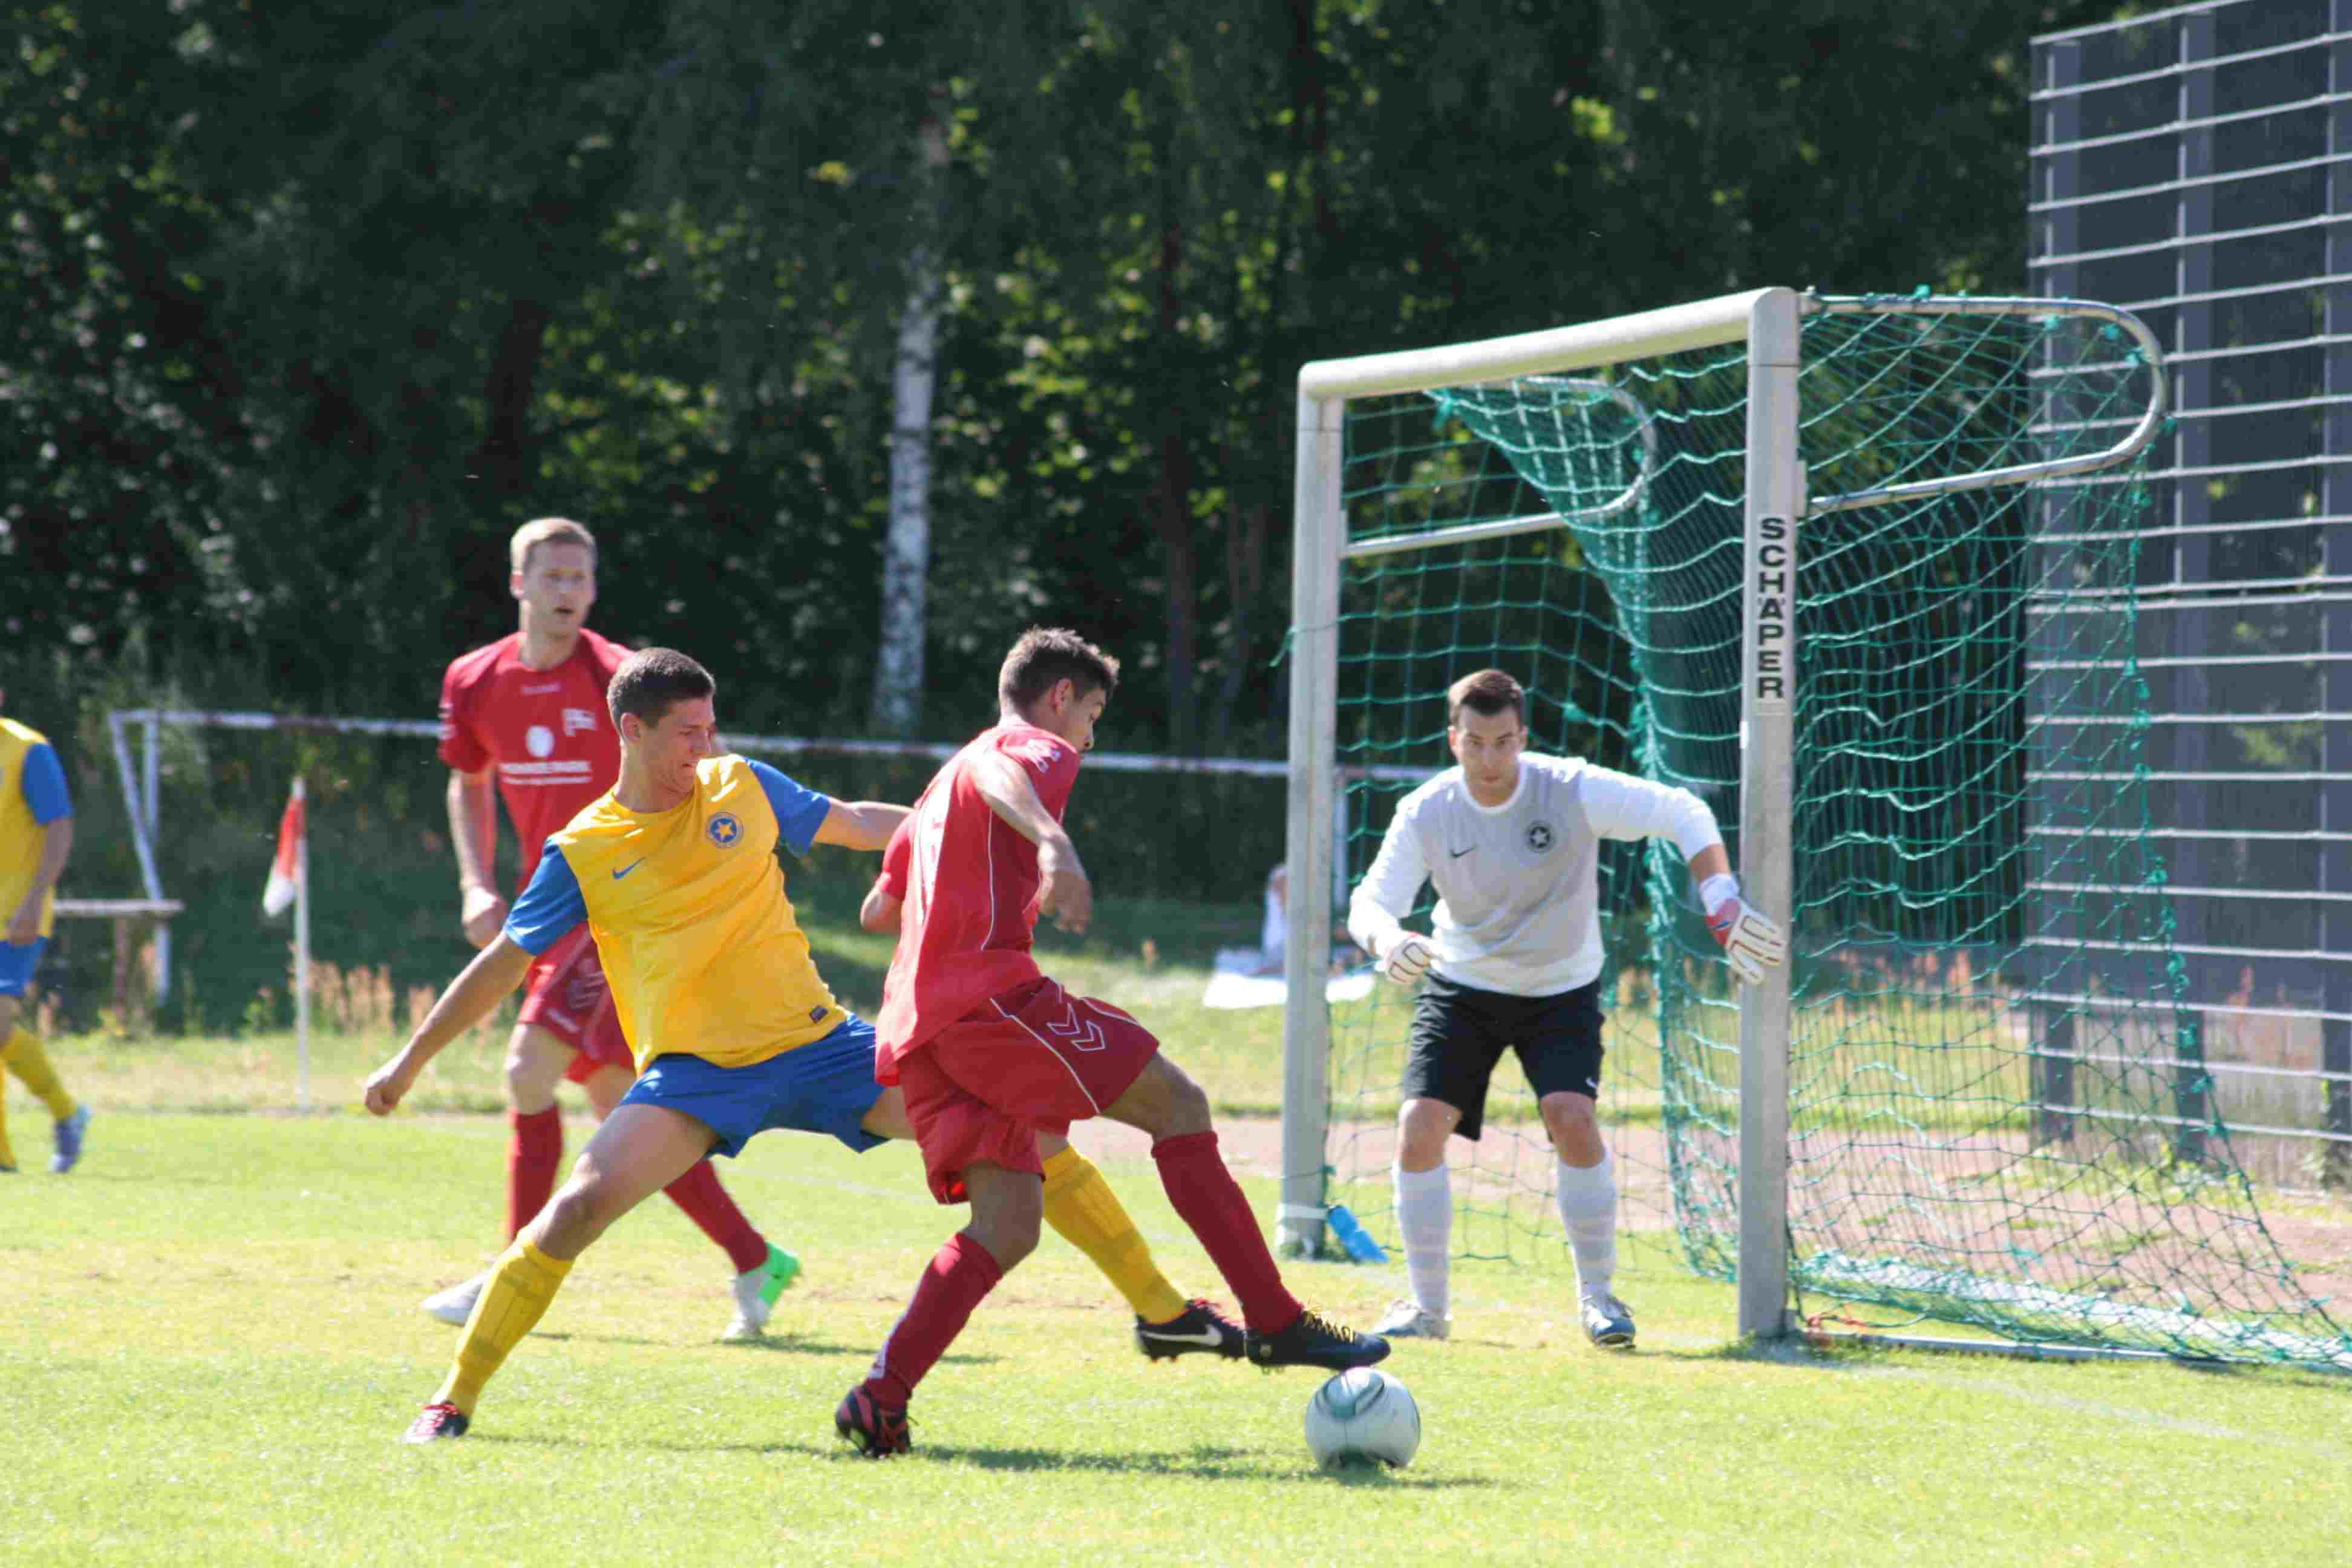 Hertha gewinnt Endspiel um den Bezirkspokal: Robben schießt dabei zwei Tore